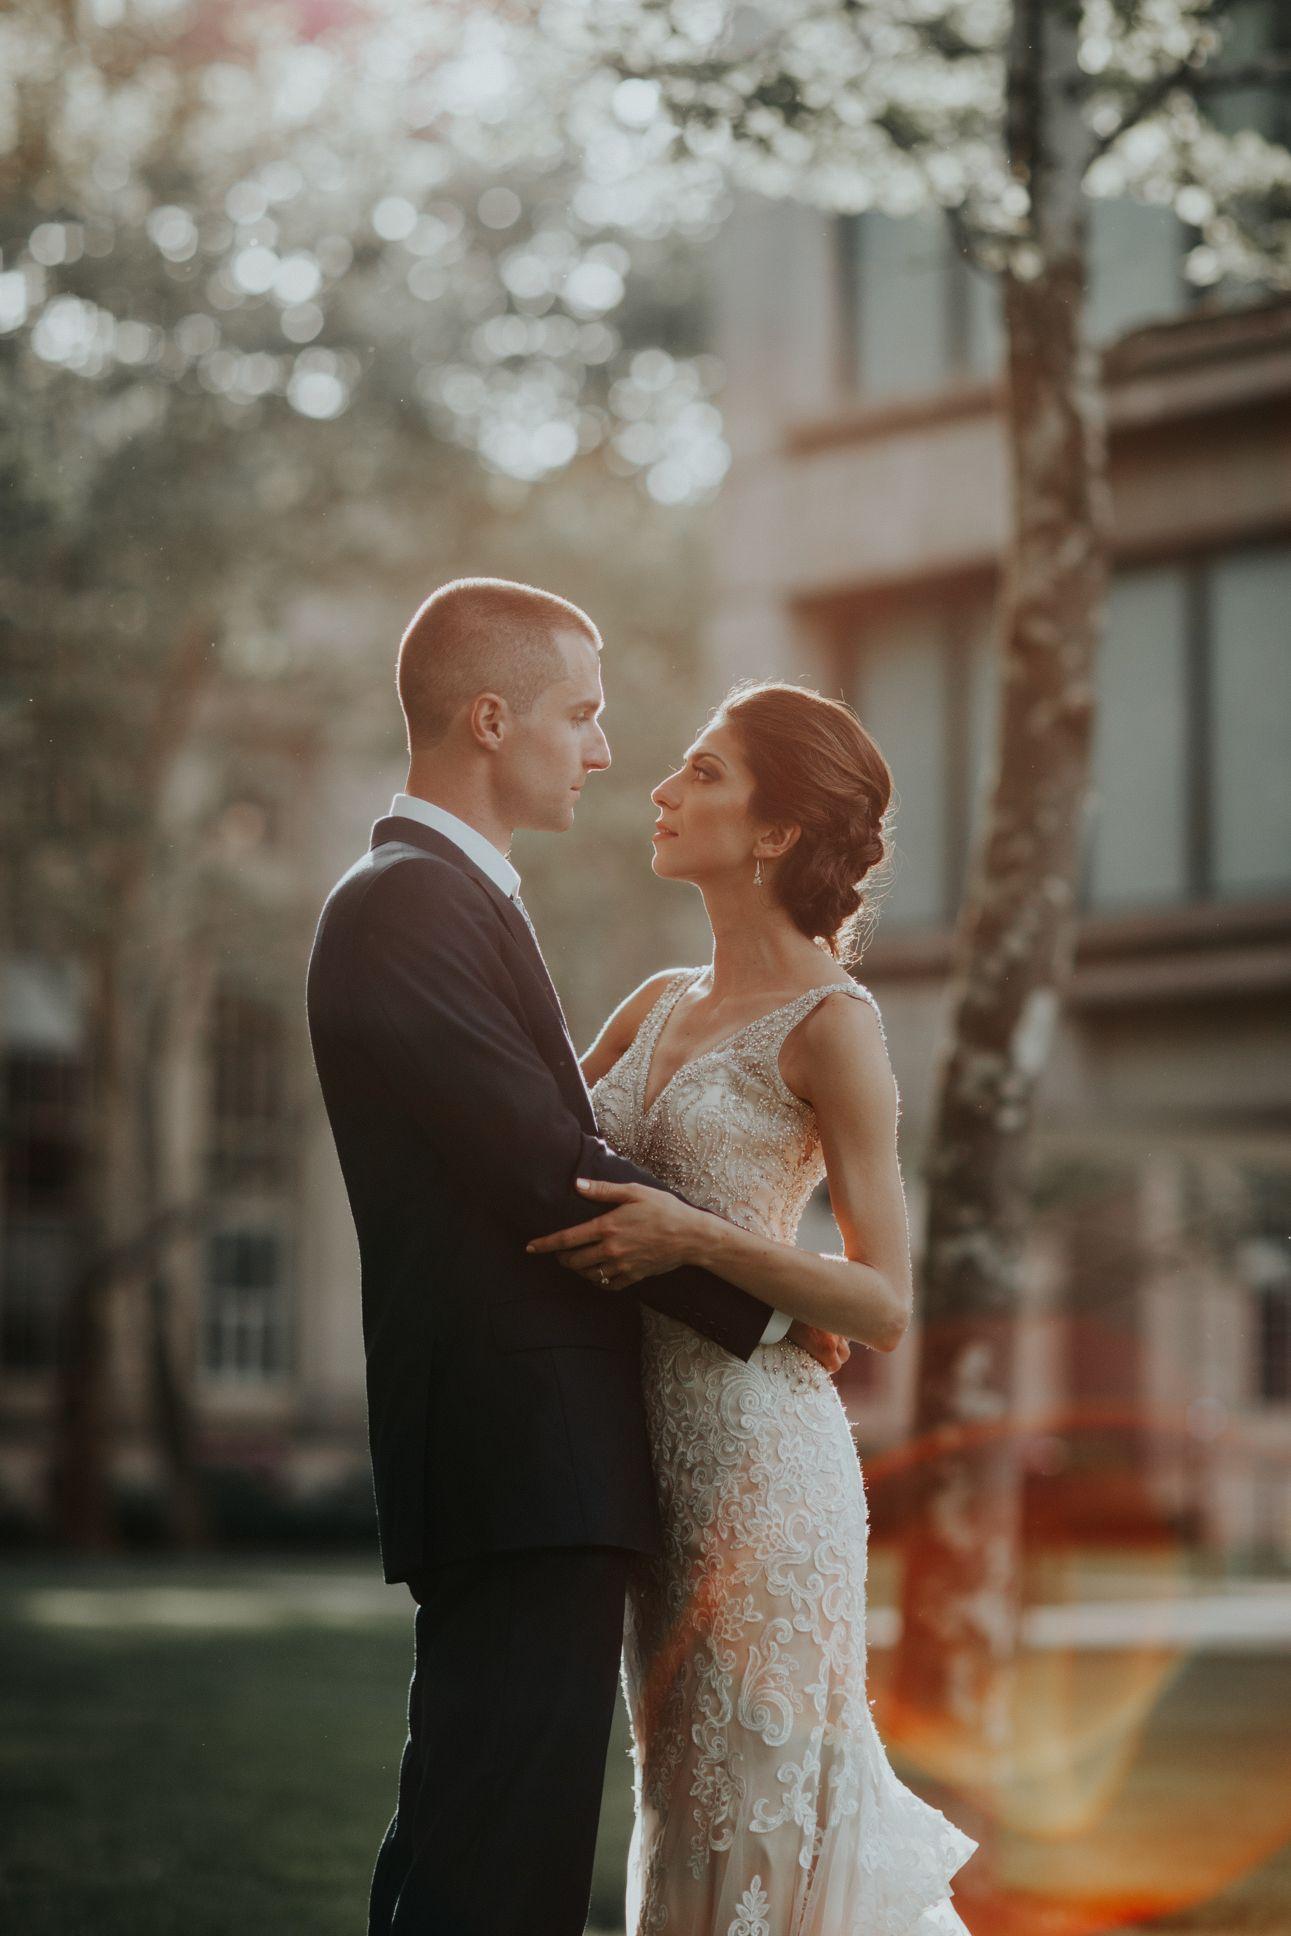 Mit Wedding Julie Dodd Boston Wedding Photographer Wedding Boston Intimate Wedding Photography Boston Wedding Photography